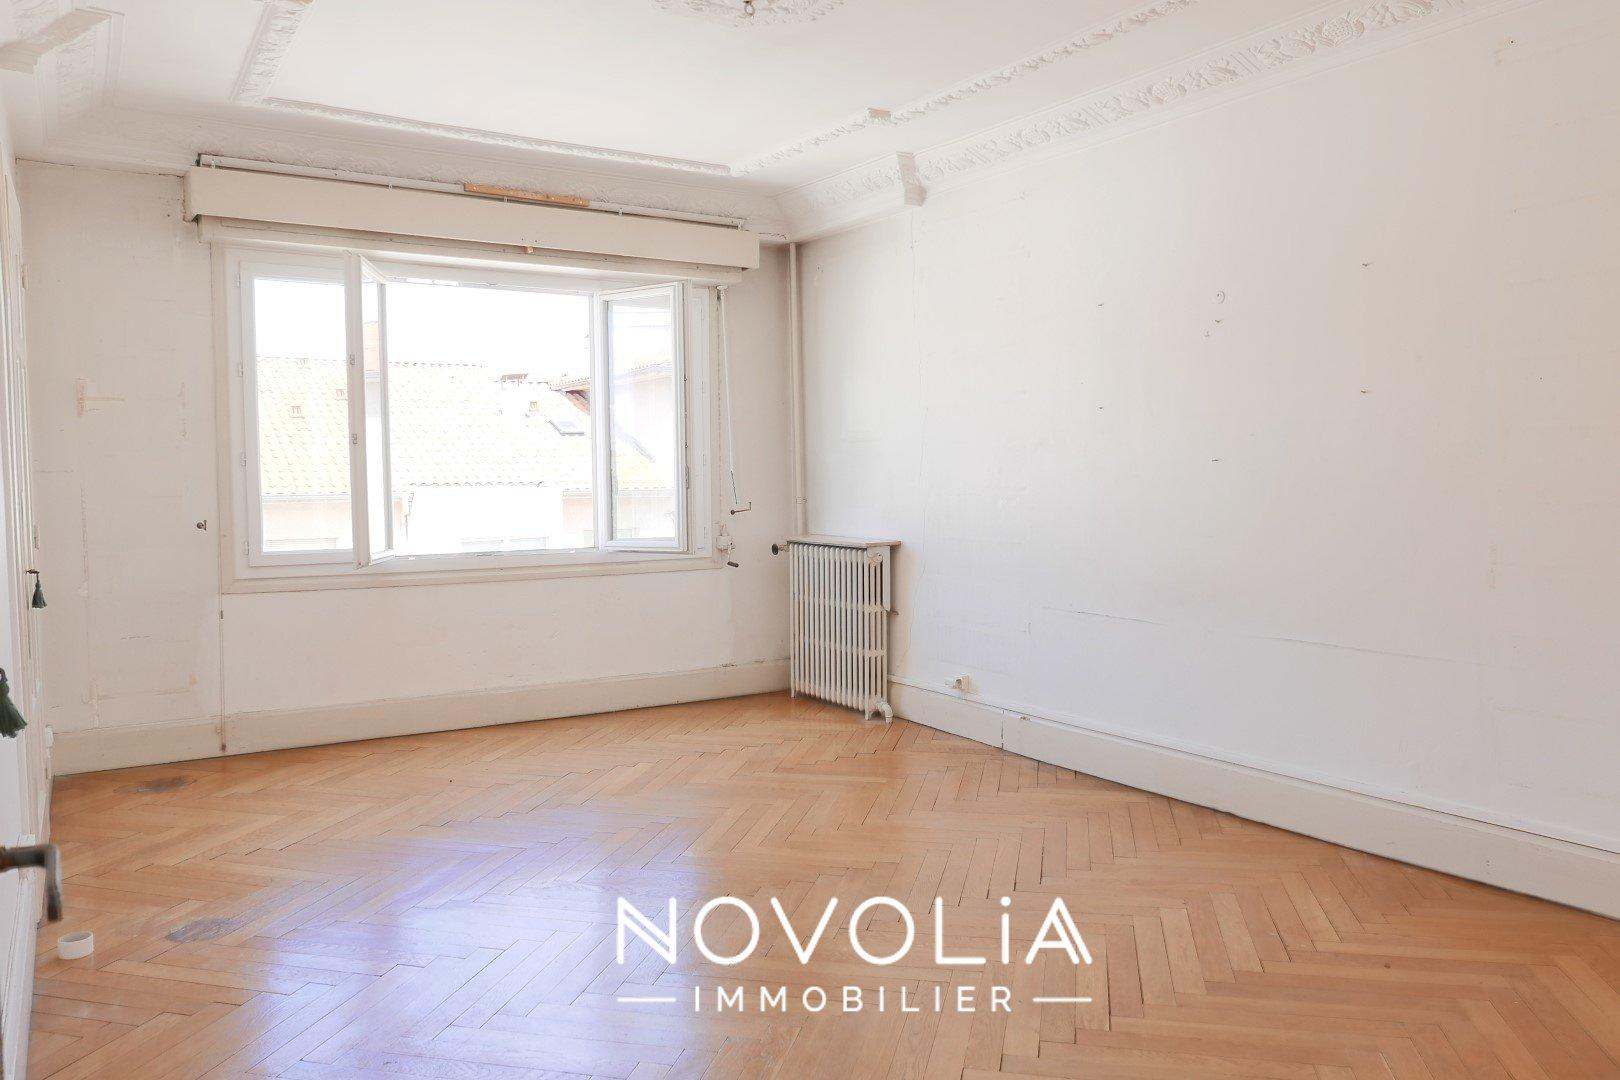 Achat Appartement Surface de 140.02 m²/ Total carrez : 140 m², 5 pièces, Lyon 7ème (69007)